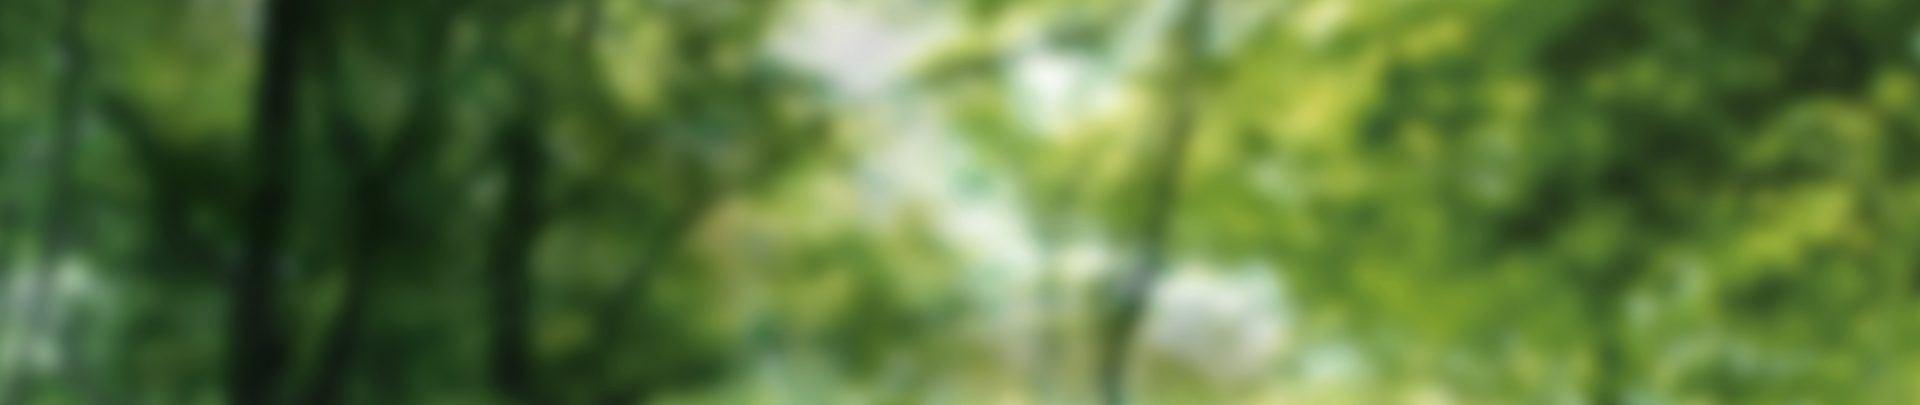 Foto: Waldlichtung